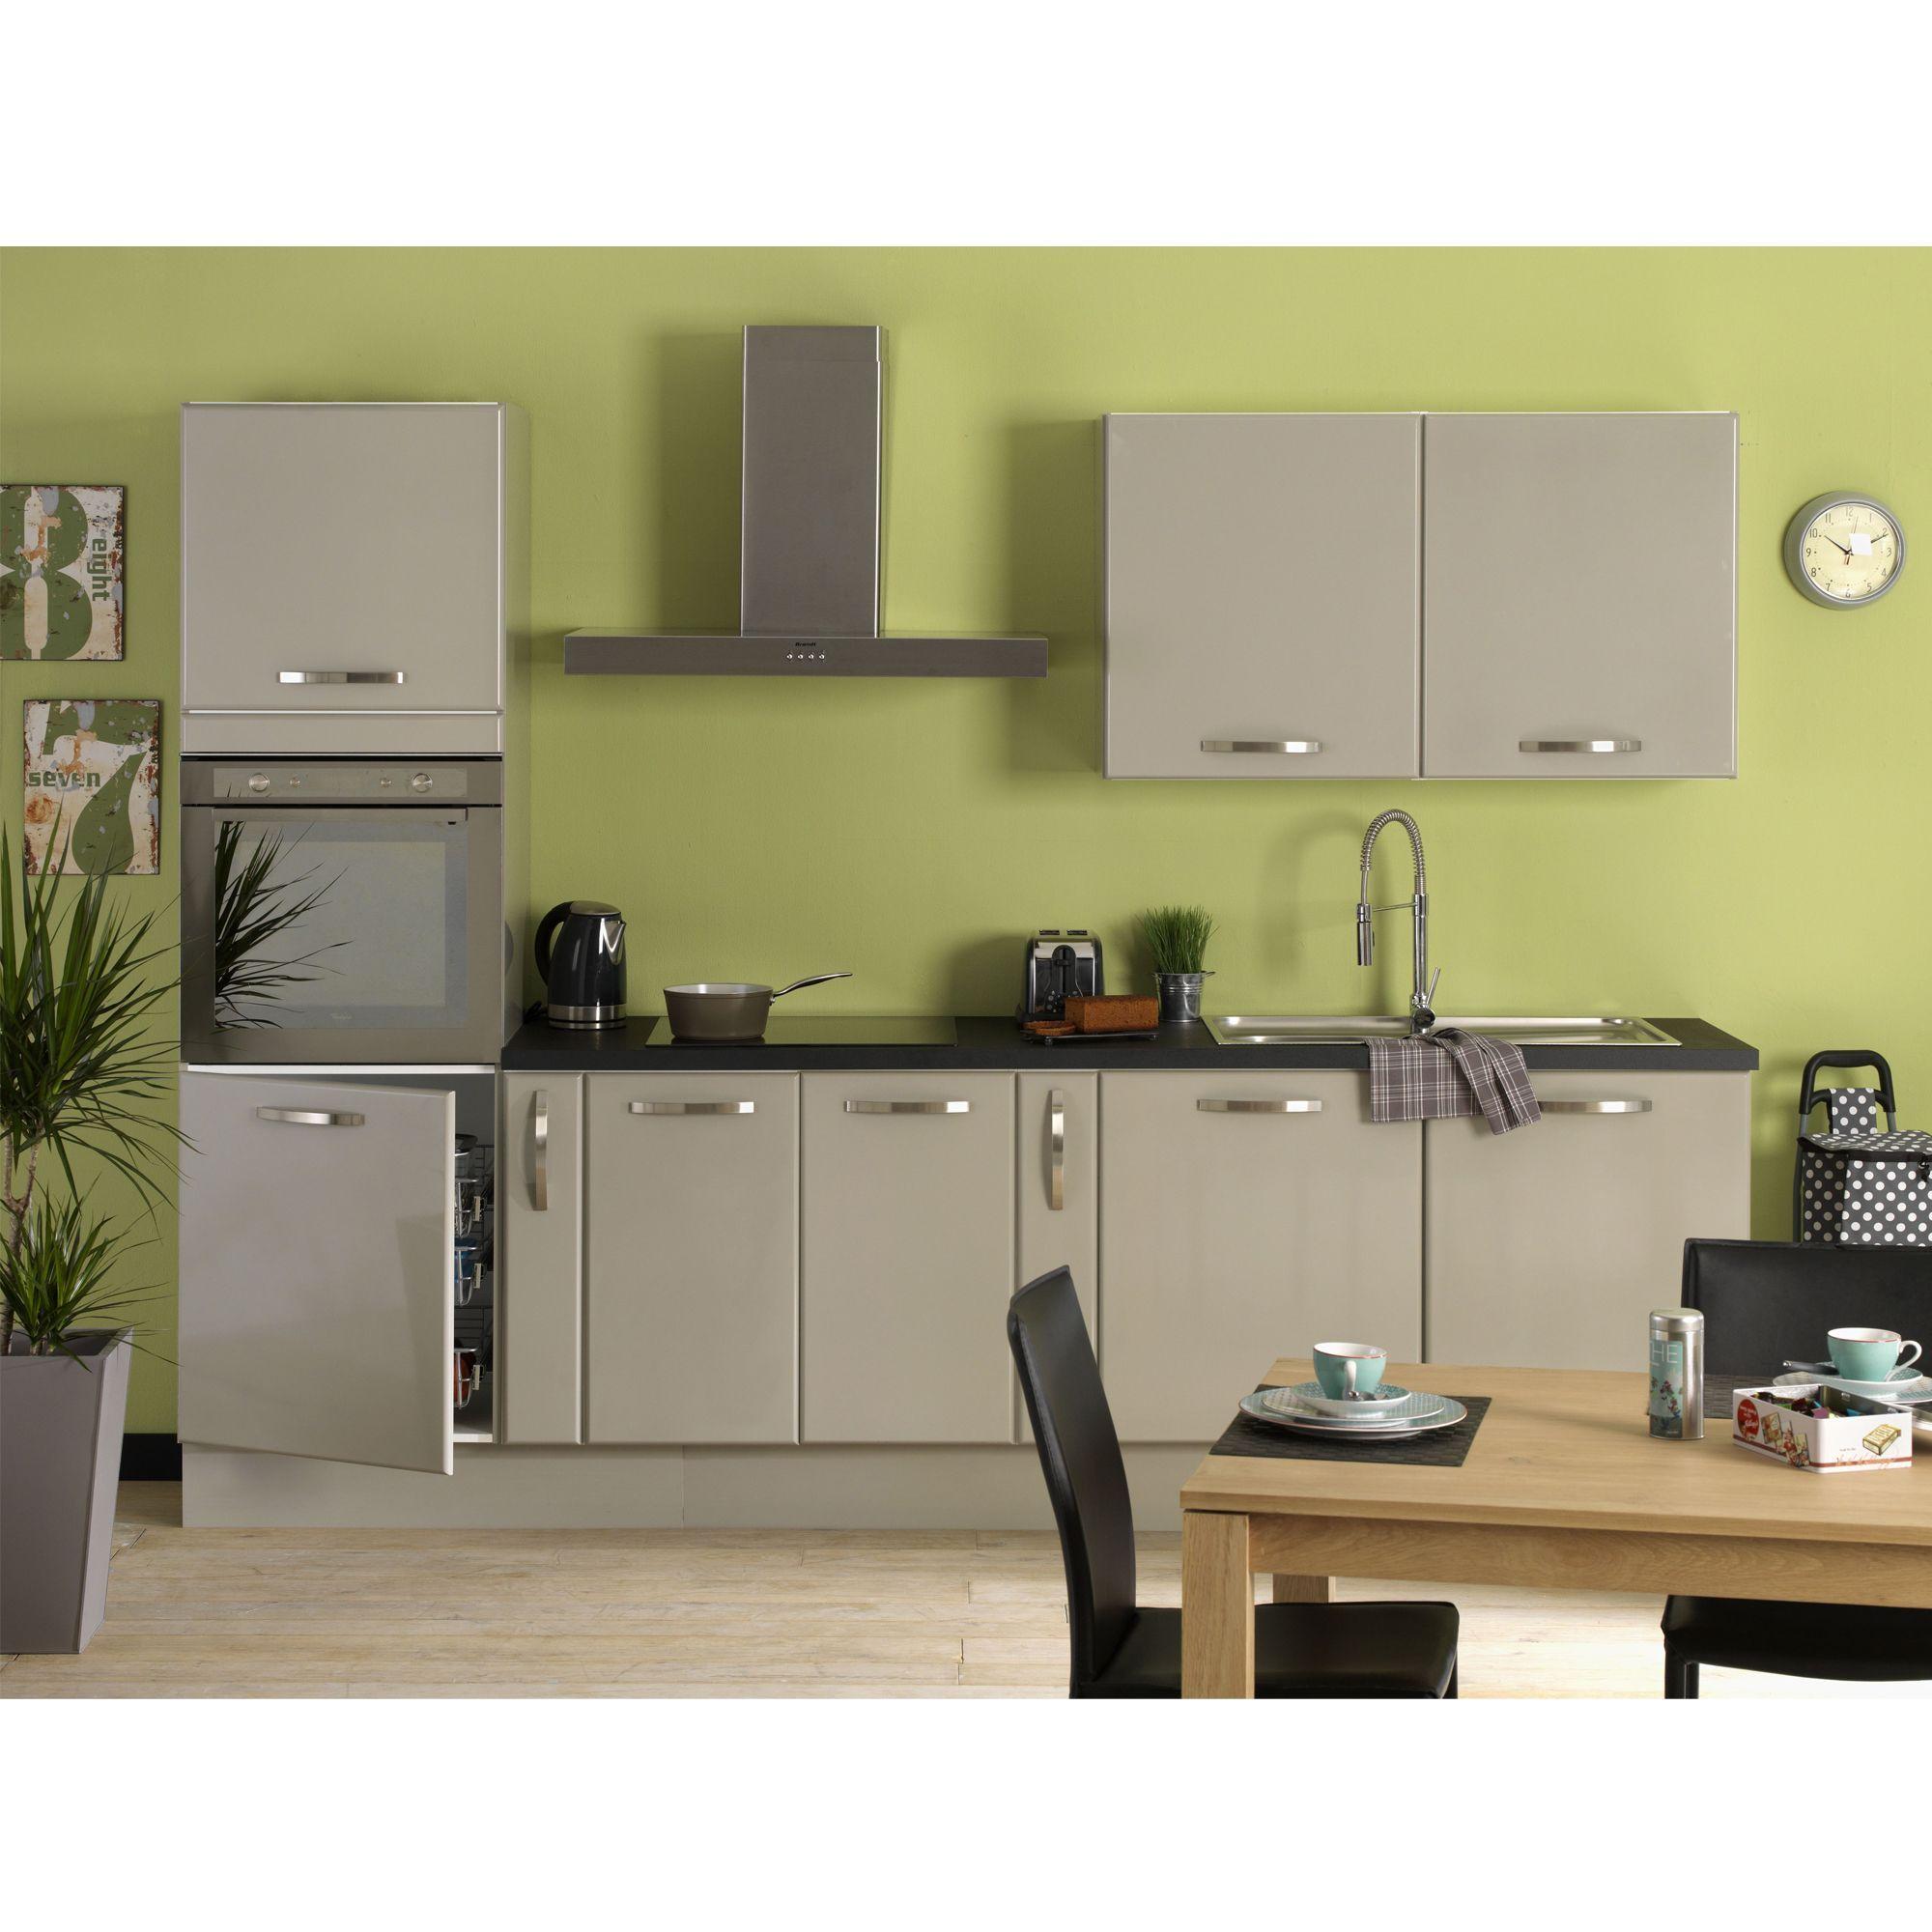 cuisine composer mod le type taupe eole les cuisines composer alin a meubles de. Black Bedroom Furniture Sets. Home Design Ideas